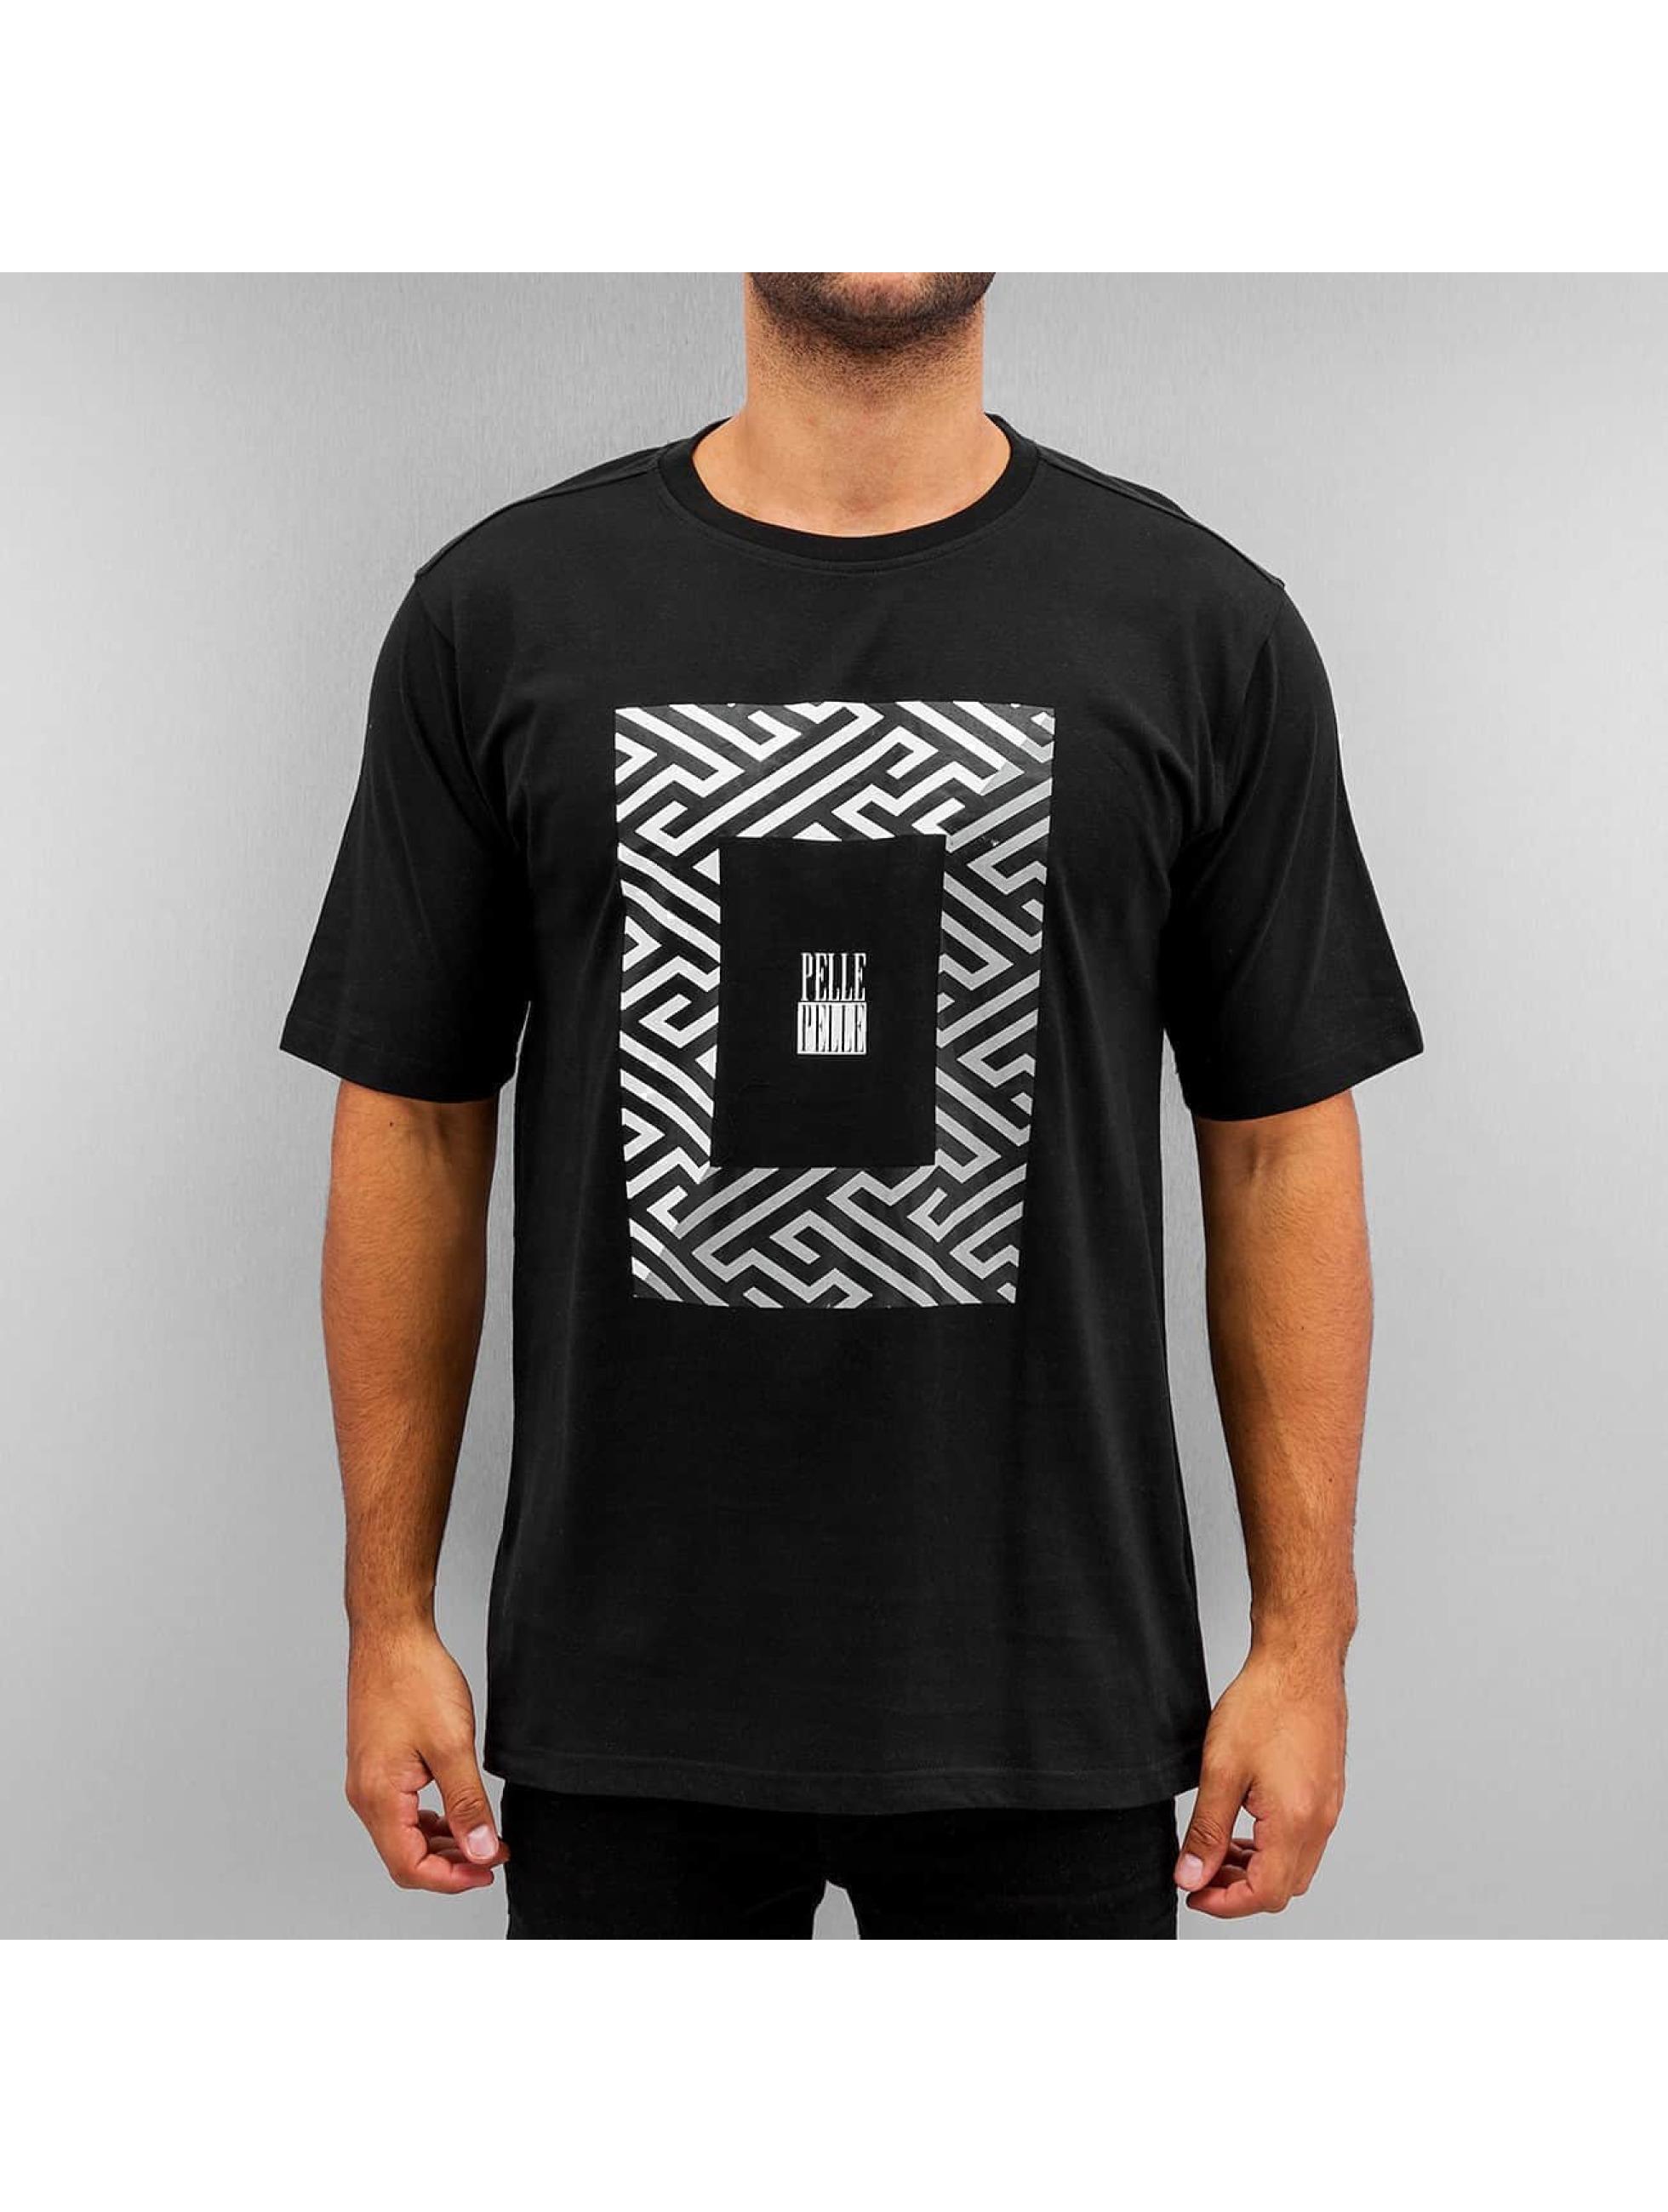 Pelle Pelle T-Shirt Dark Maze black